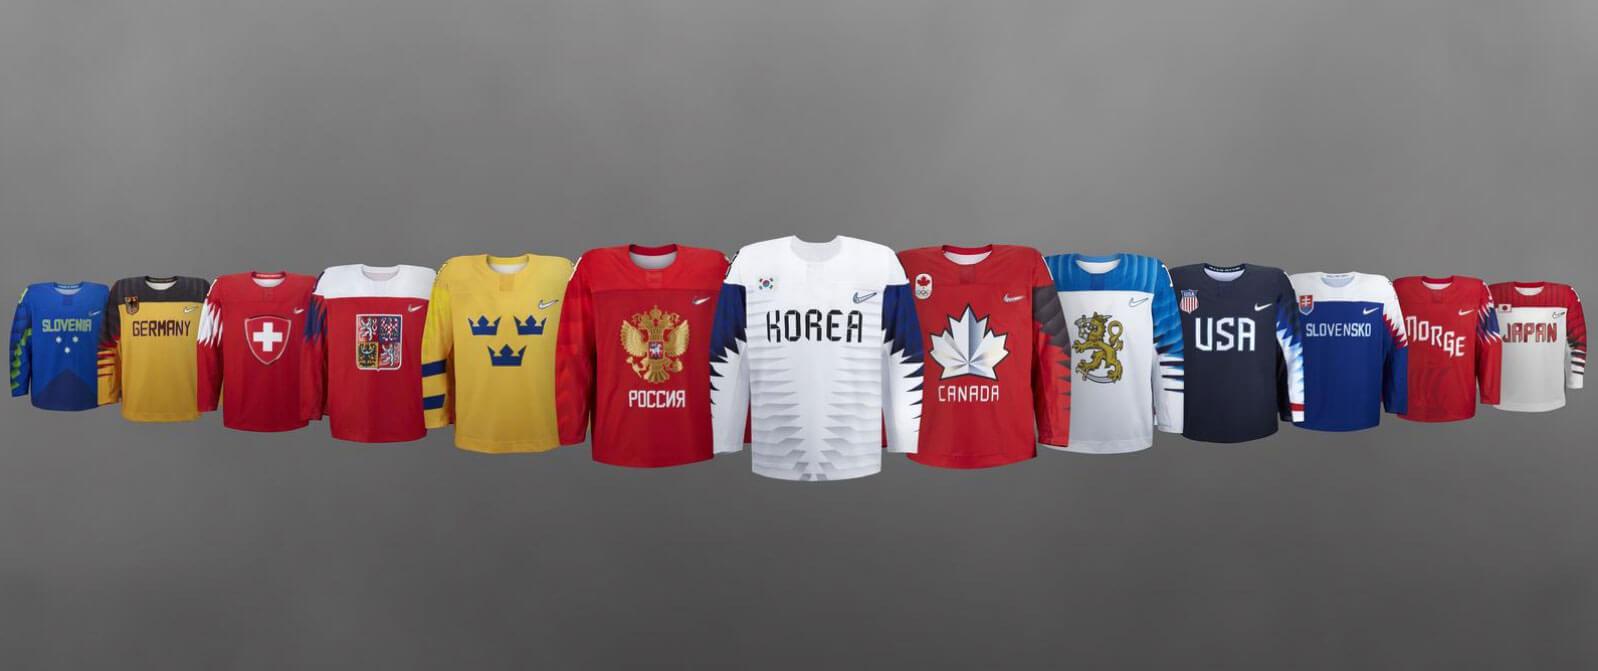 Сборные команды участвующие в олимпийских играх - форма команд